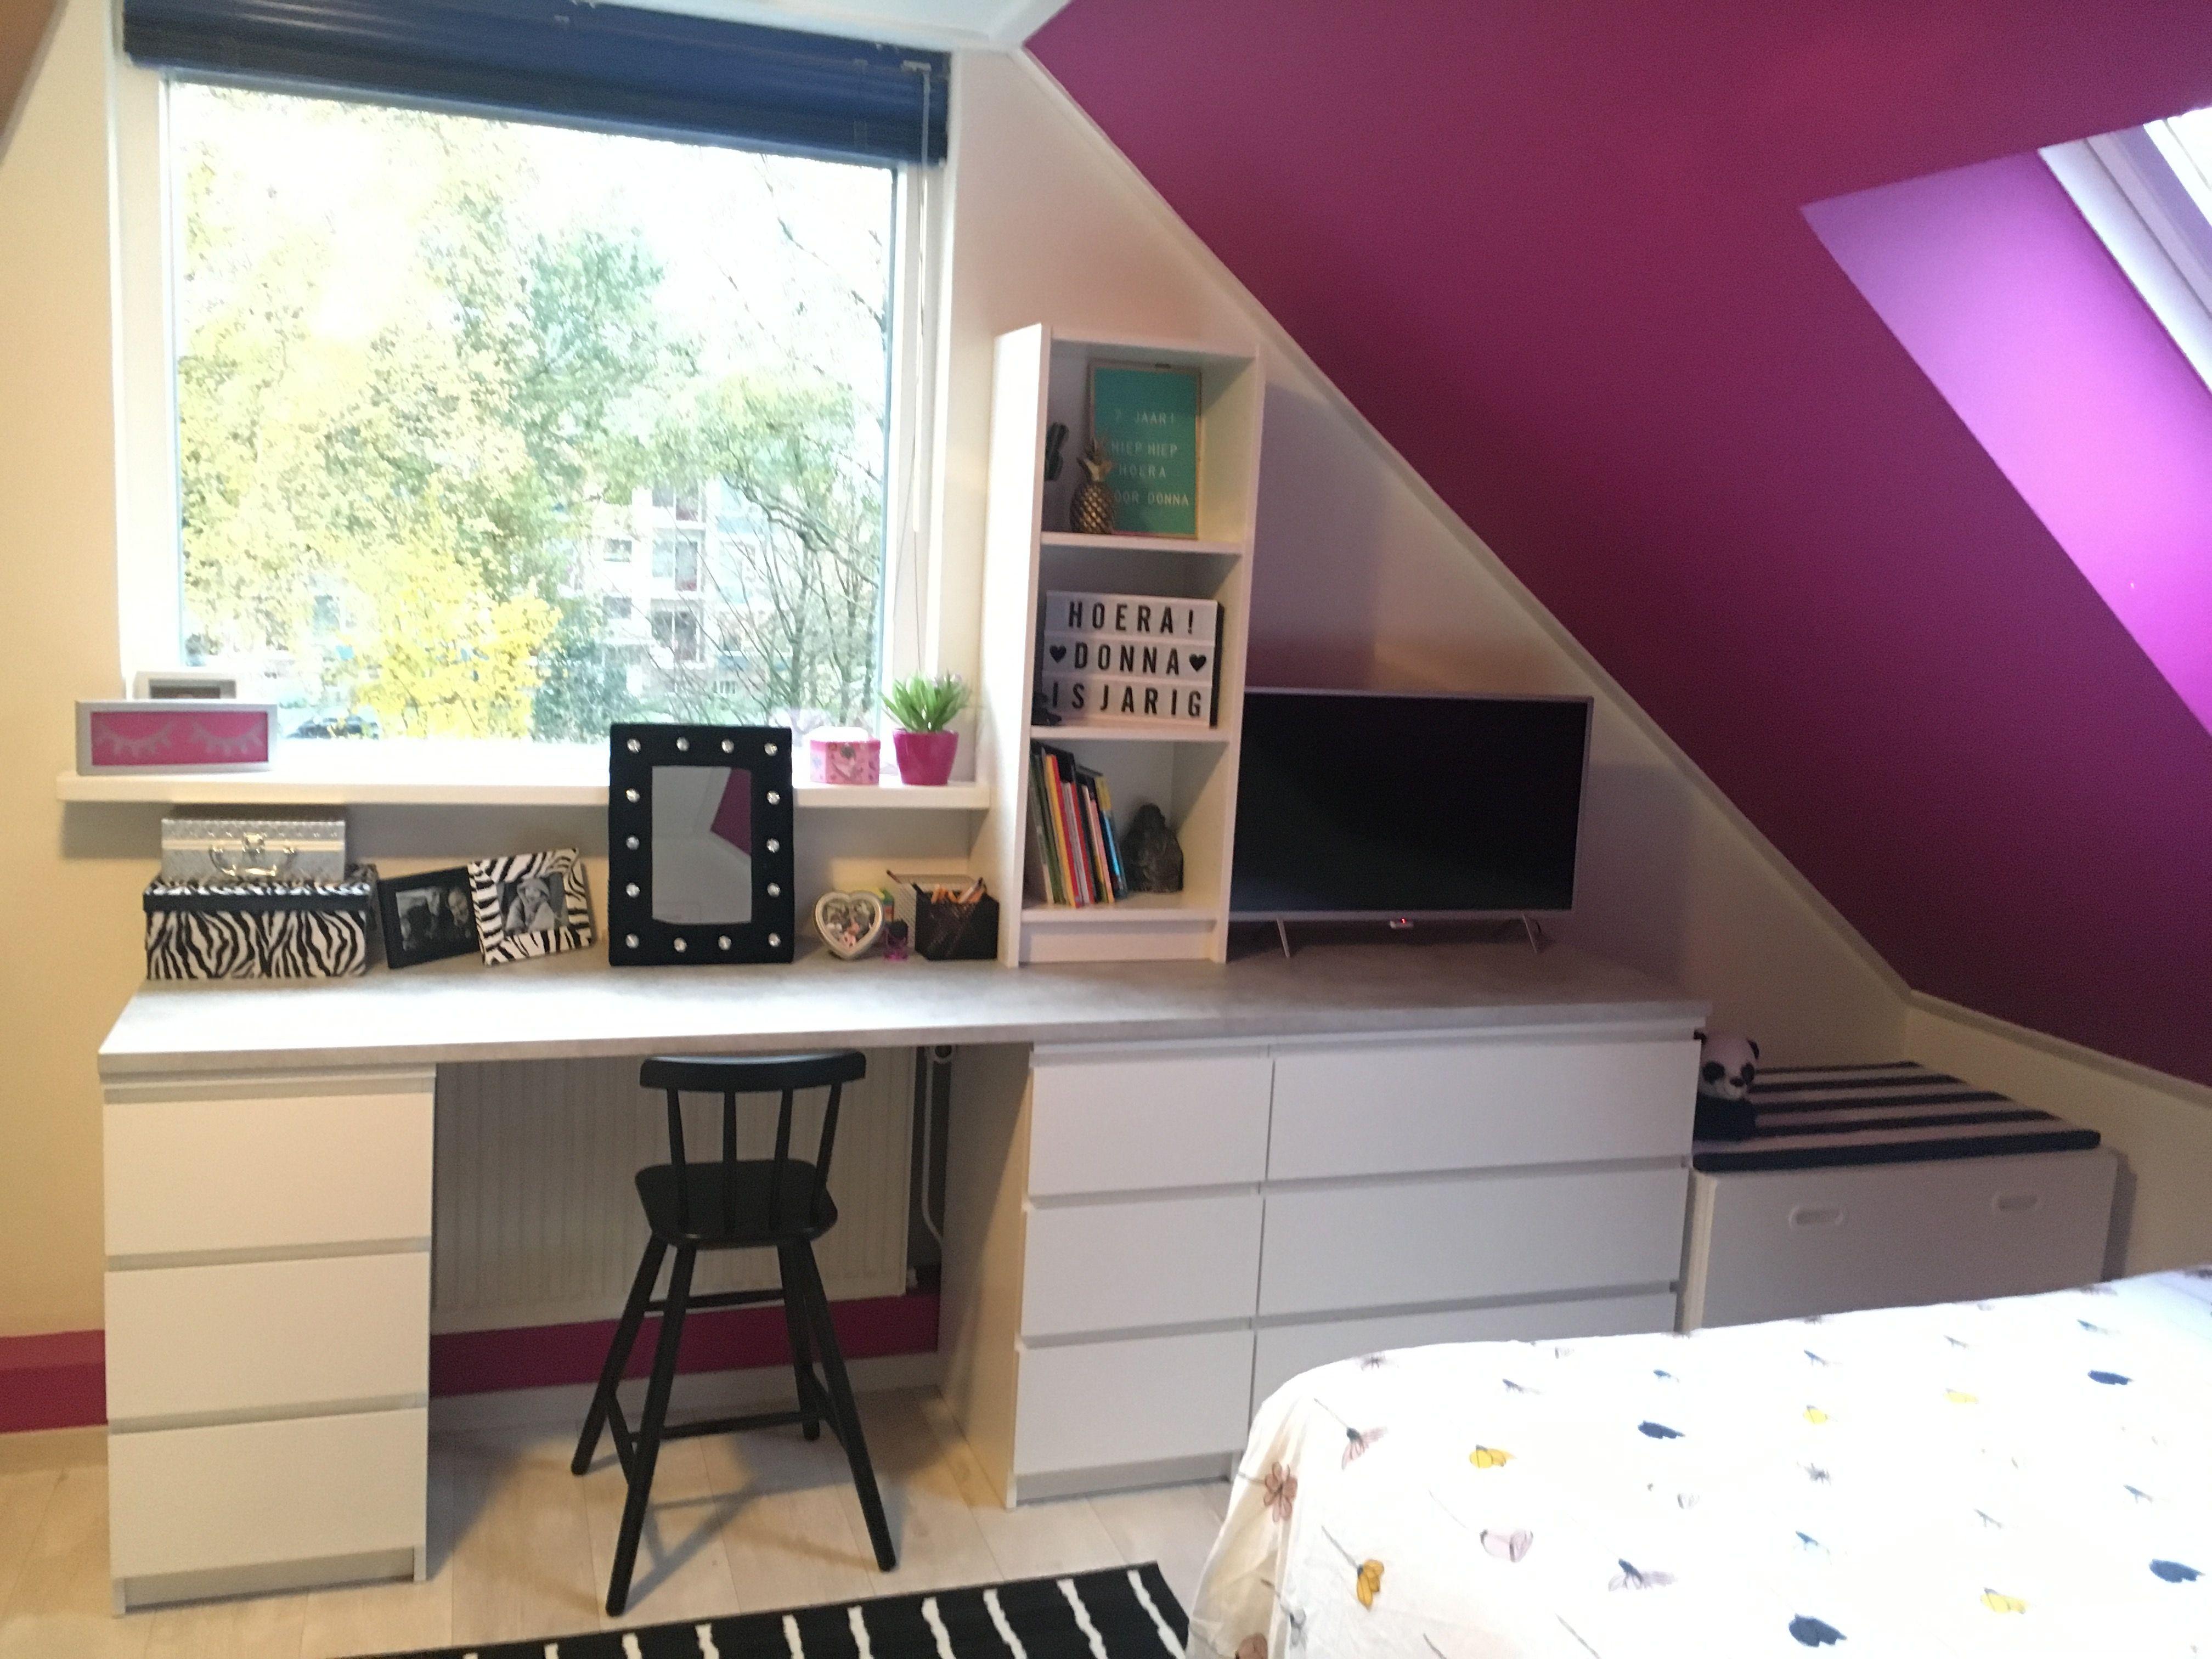 Ikea hack bureau met malm kasten werkblad keuken aanrechtblad